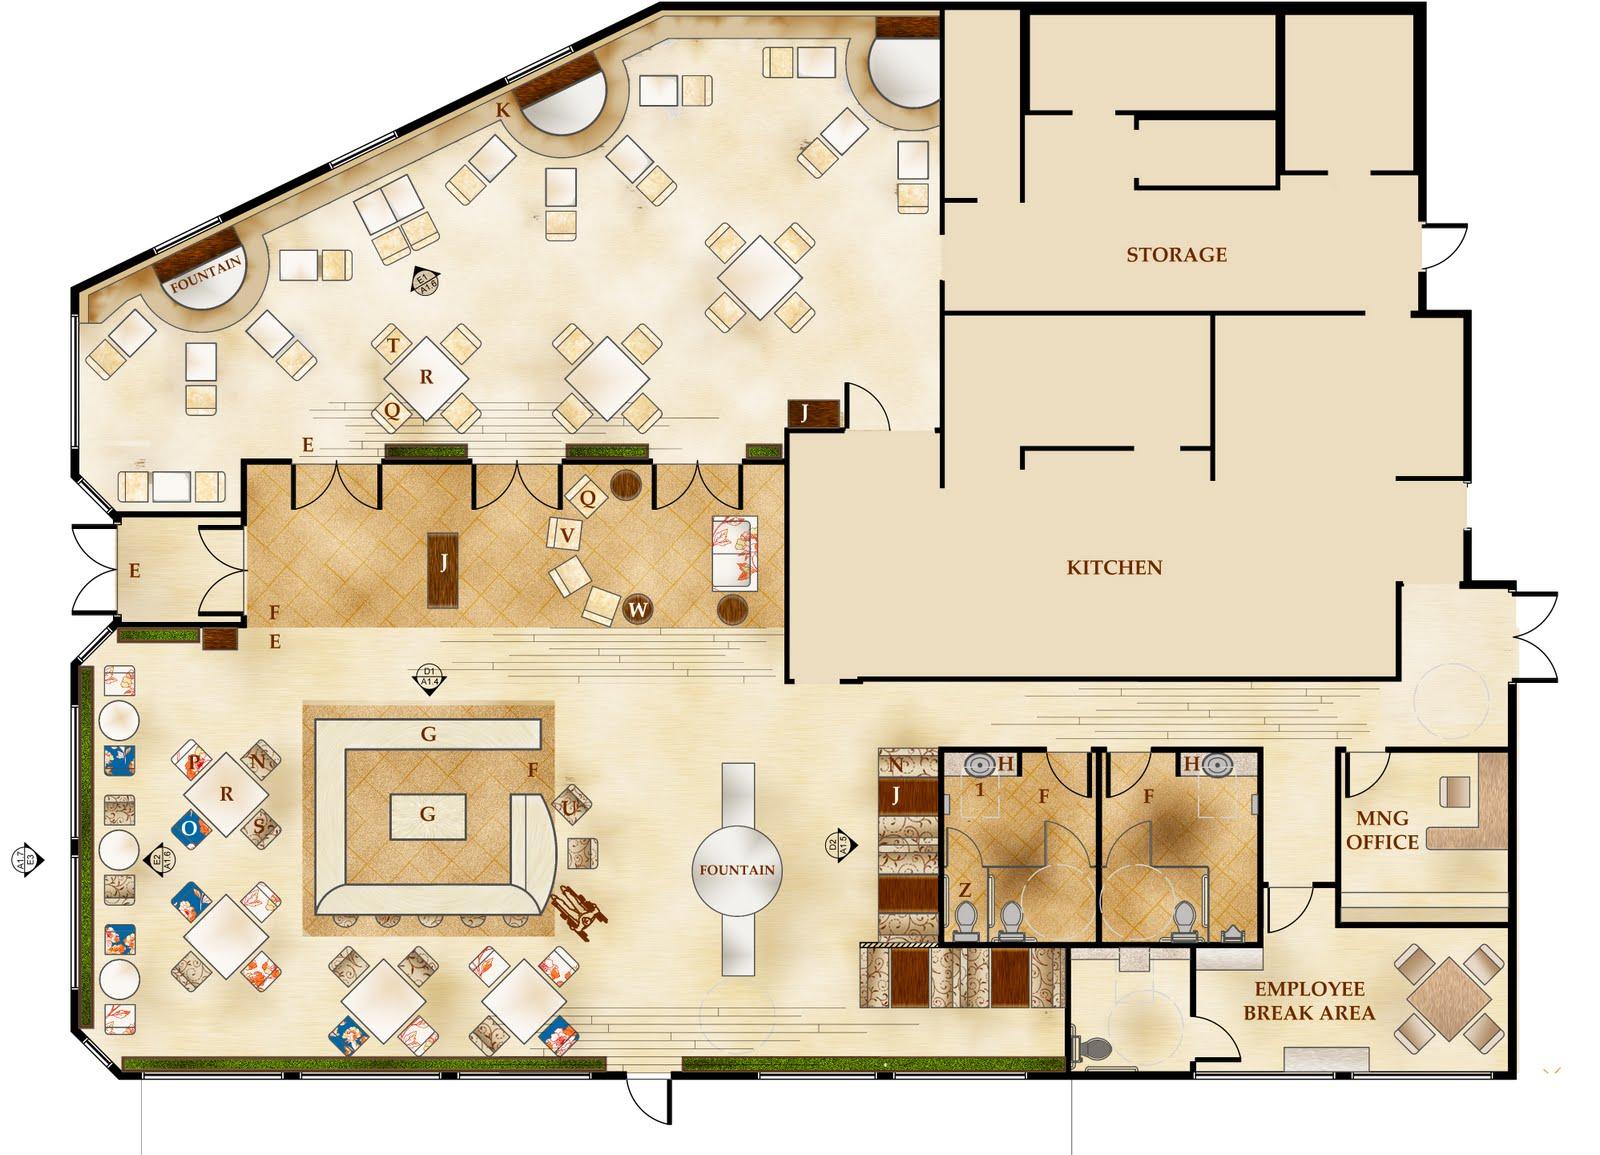 RESTAURANT BAR FLOOR PLANS « Unique House Plans